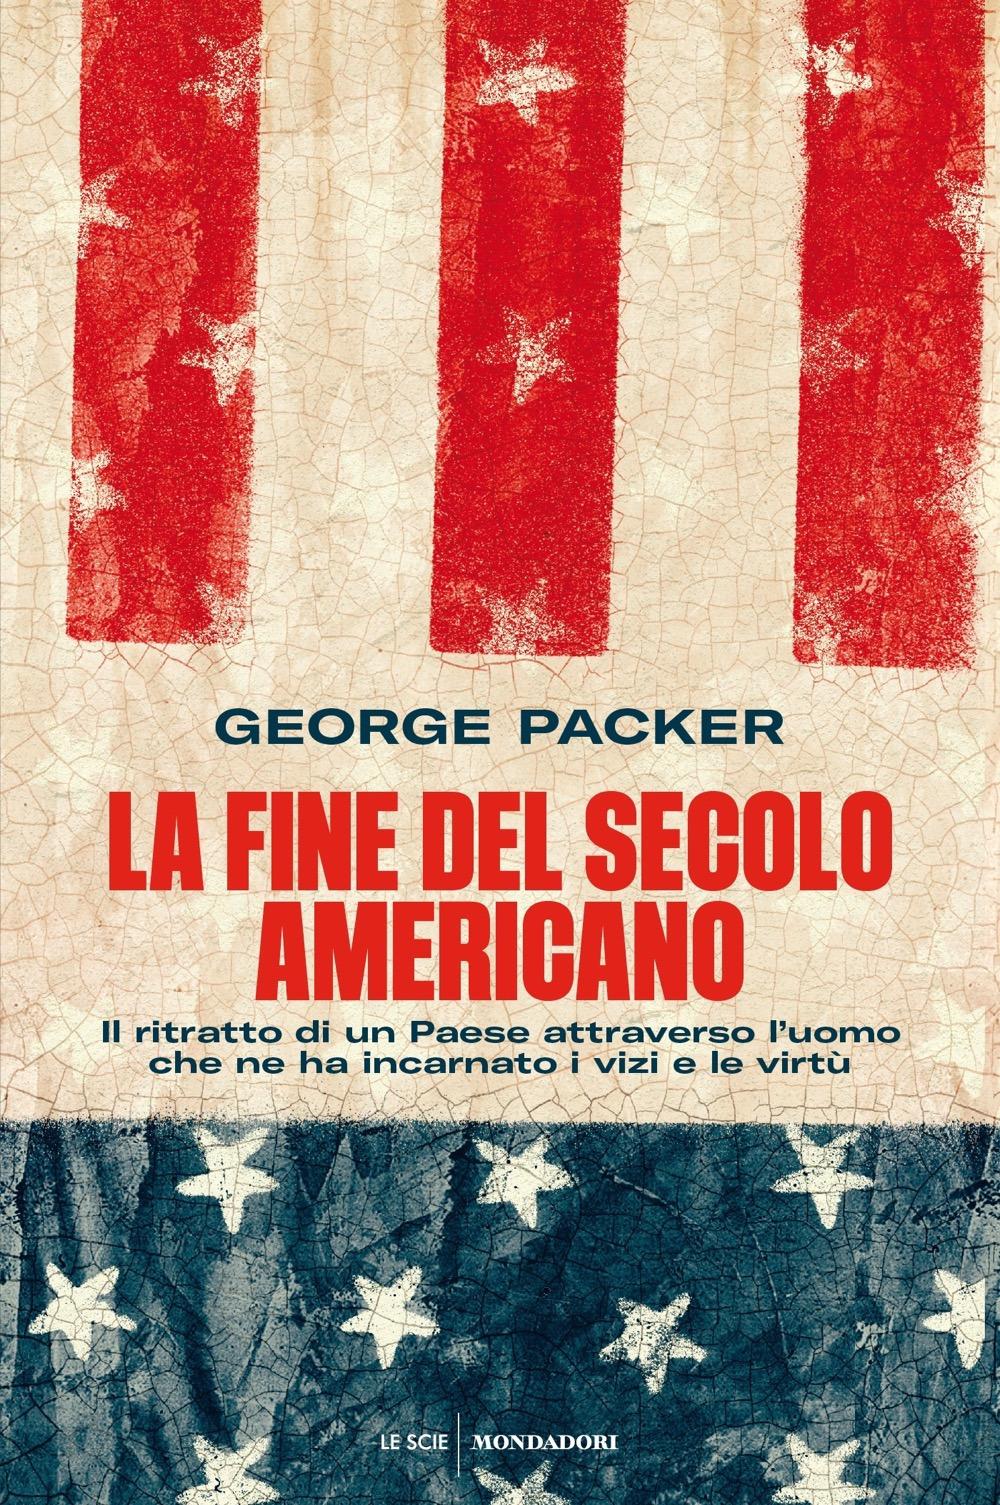 La fine del secolo americano. Il ritratto di un Paese attraverso l'uomo che ne ha incarnato i vizi e le virtù